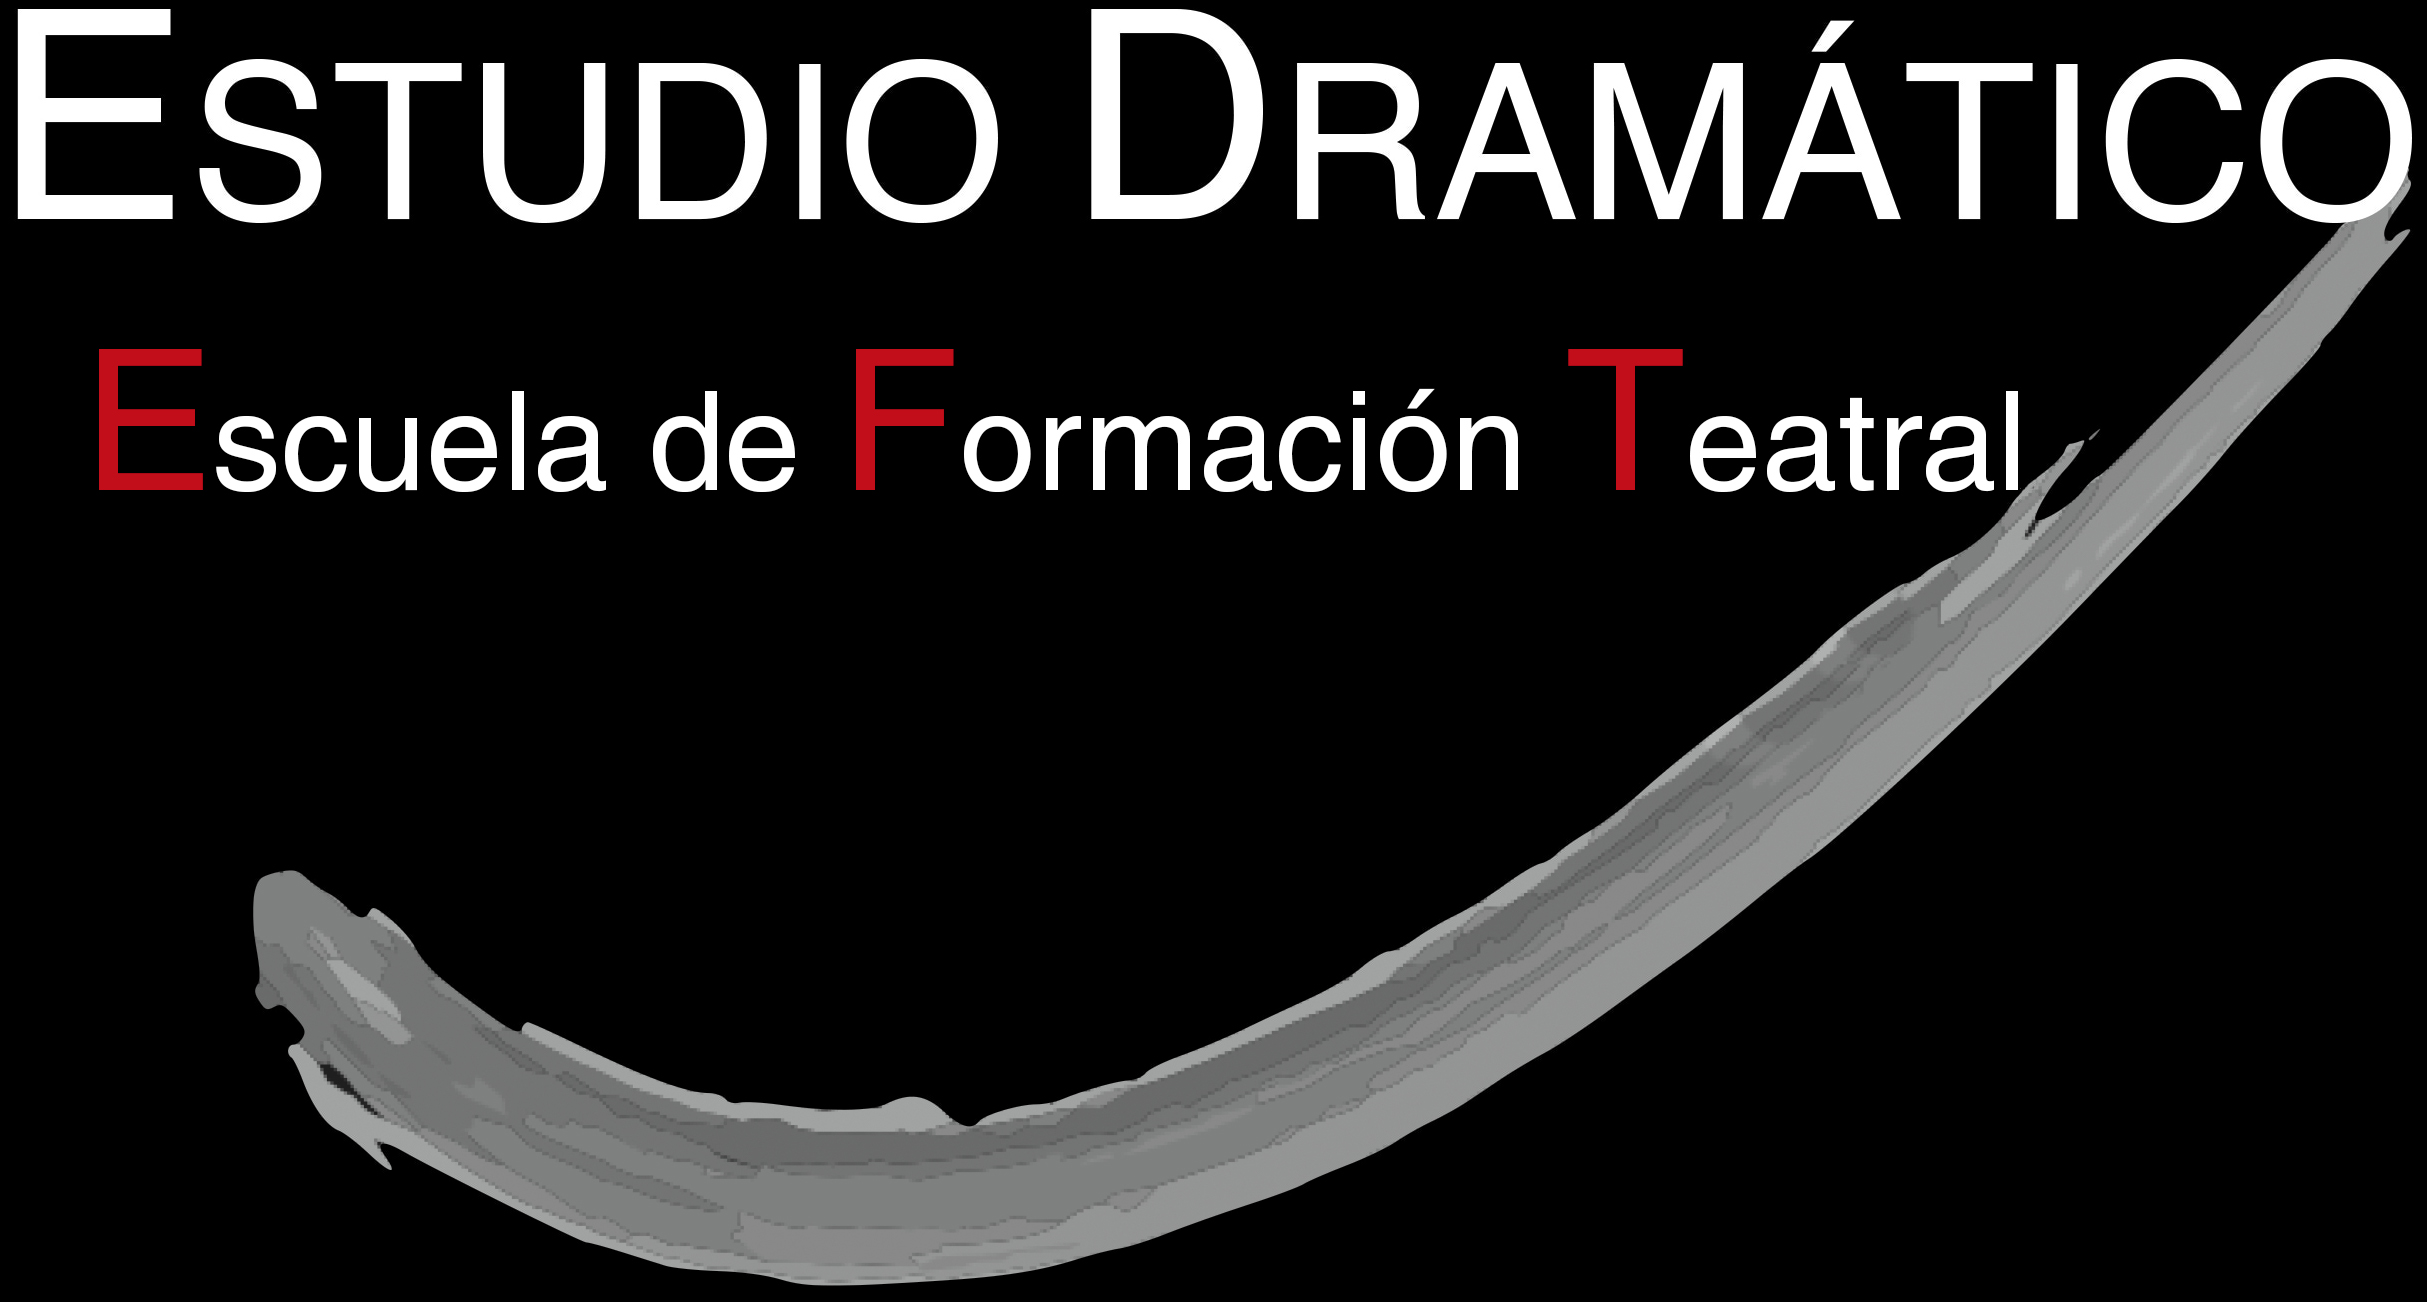 ESCUELA DE ARTE DRAMÁTICO EN VALENCIA logo